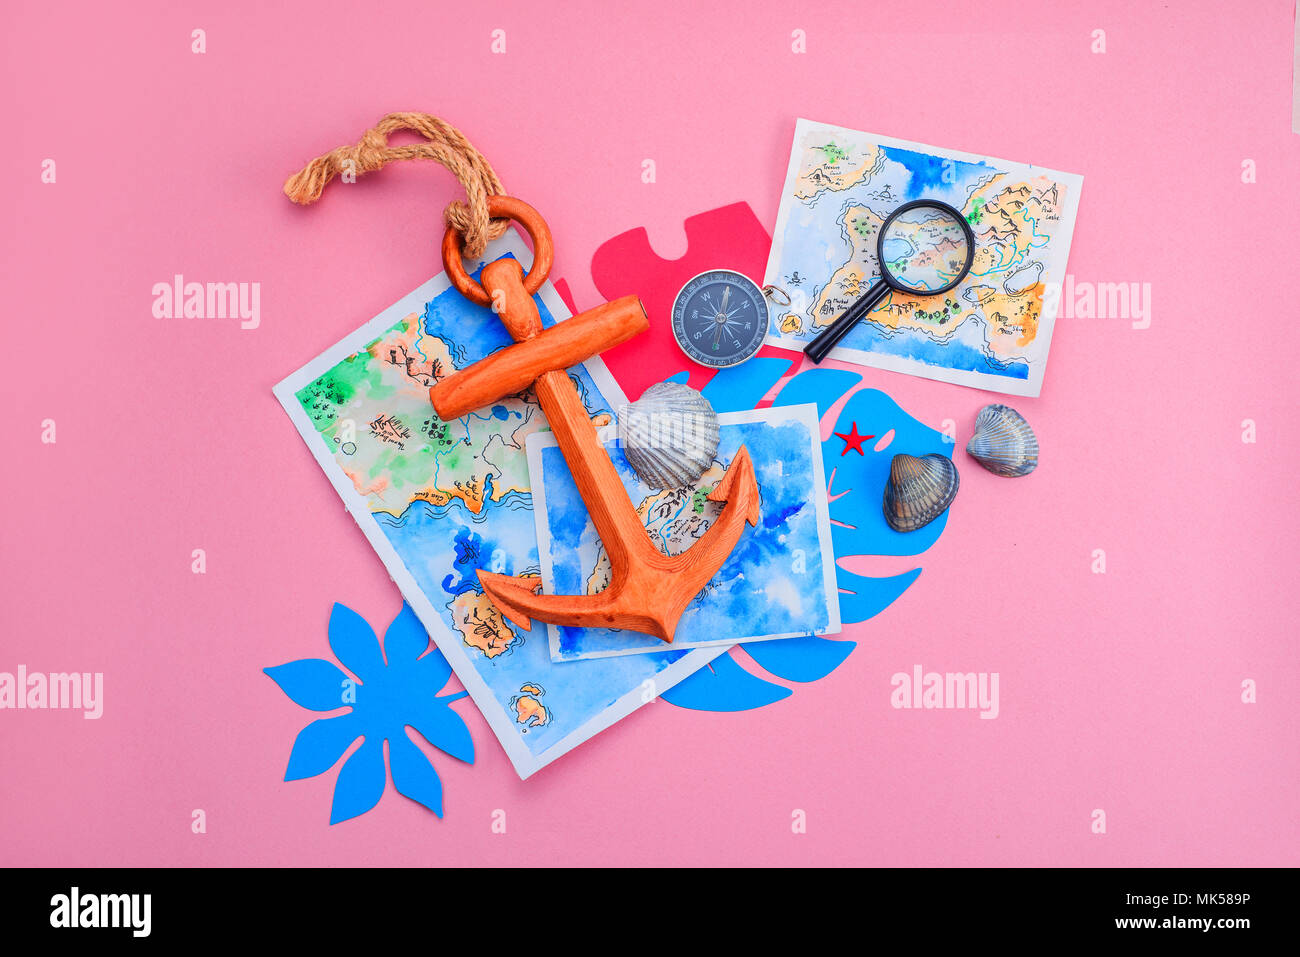 Tropische Blätter, Holz- Anker, Lupe, Aquarell Karten, Kompass und Muscheln mit kopieren. Bunte Reise und Konzept auf einem hellen Rosa Hintergrund. Stockbild